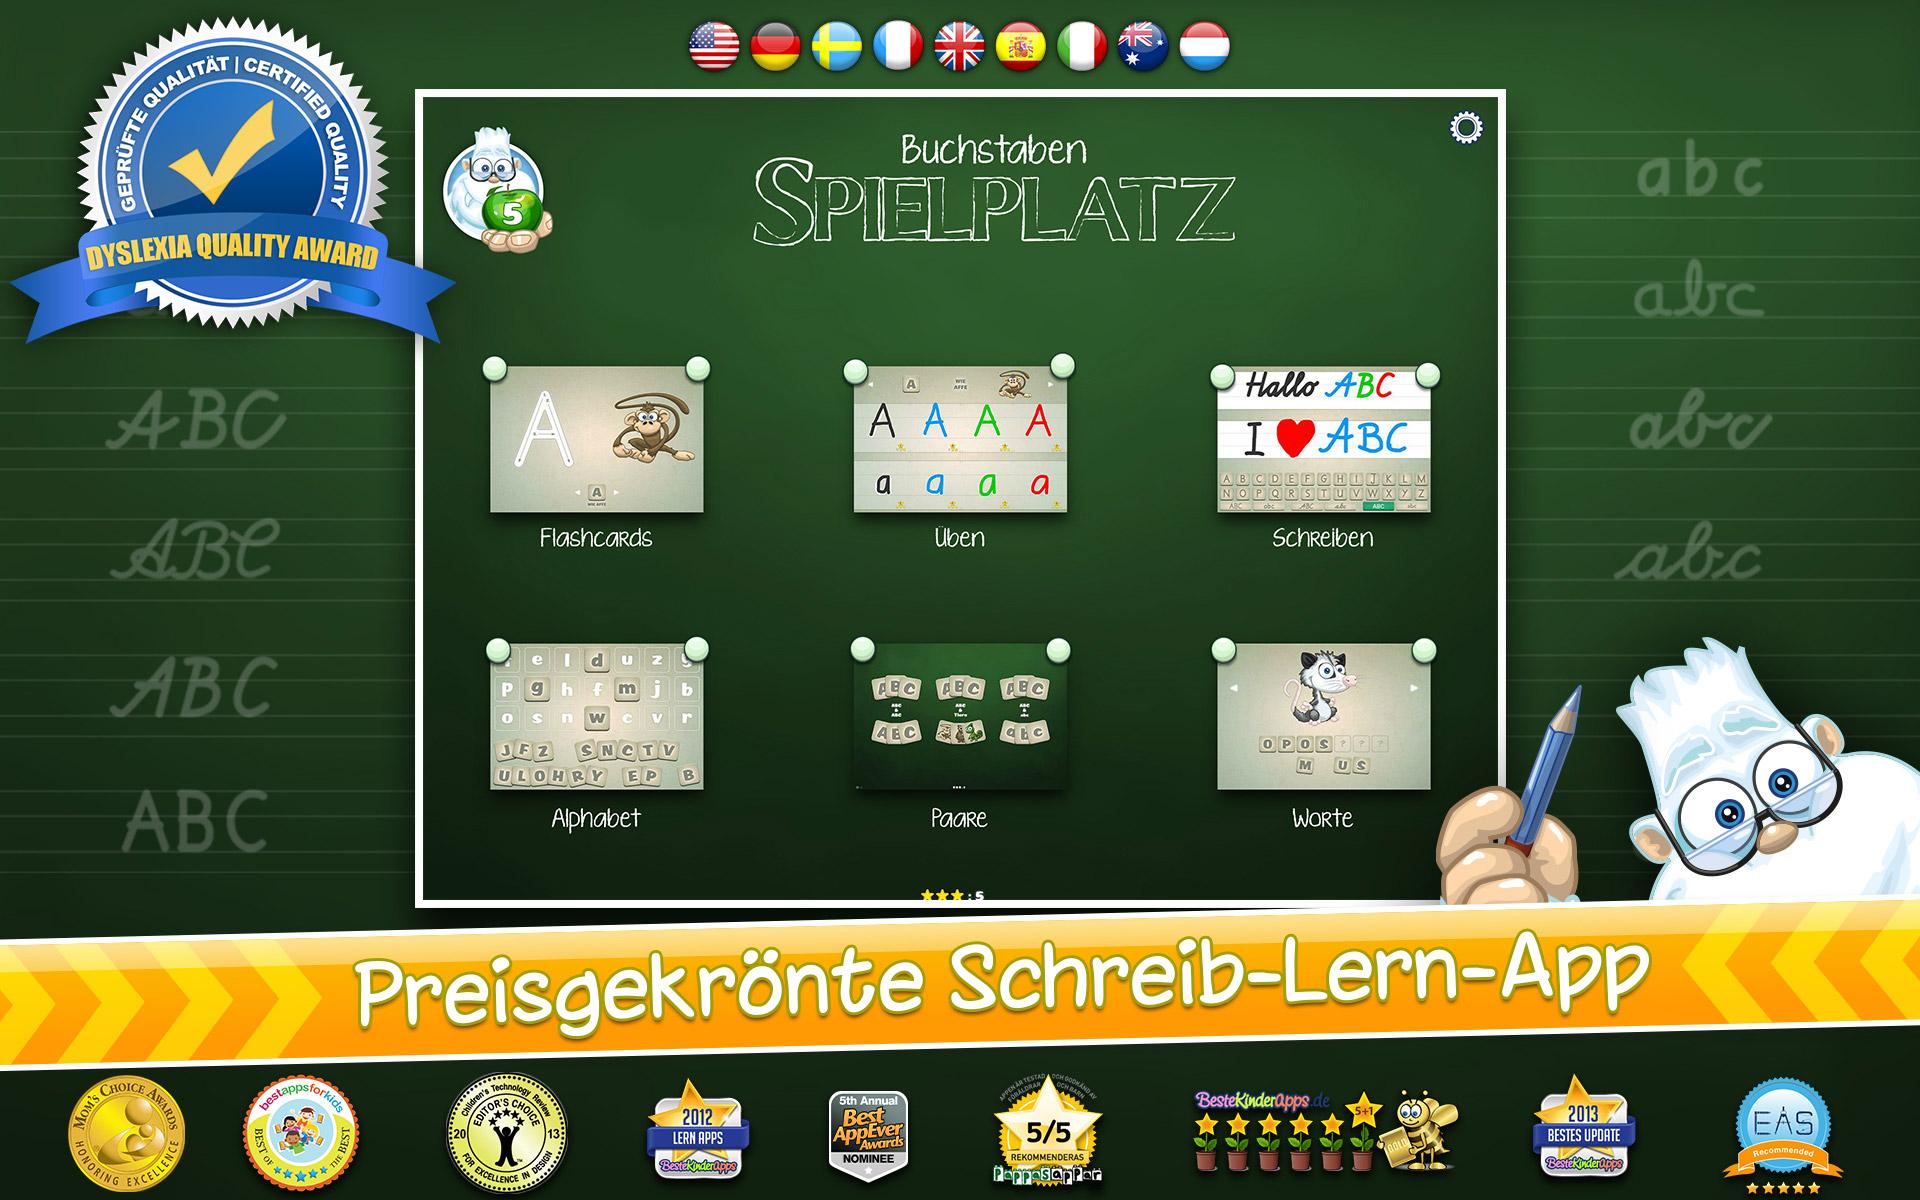 Preschoolers_ABC_Playground_Best_App_for_kids_by_Jan_Essig_1de